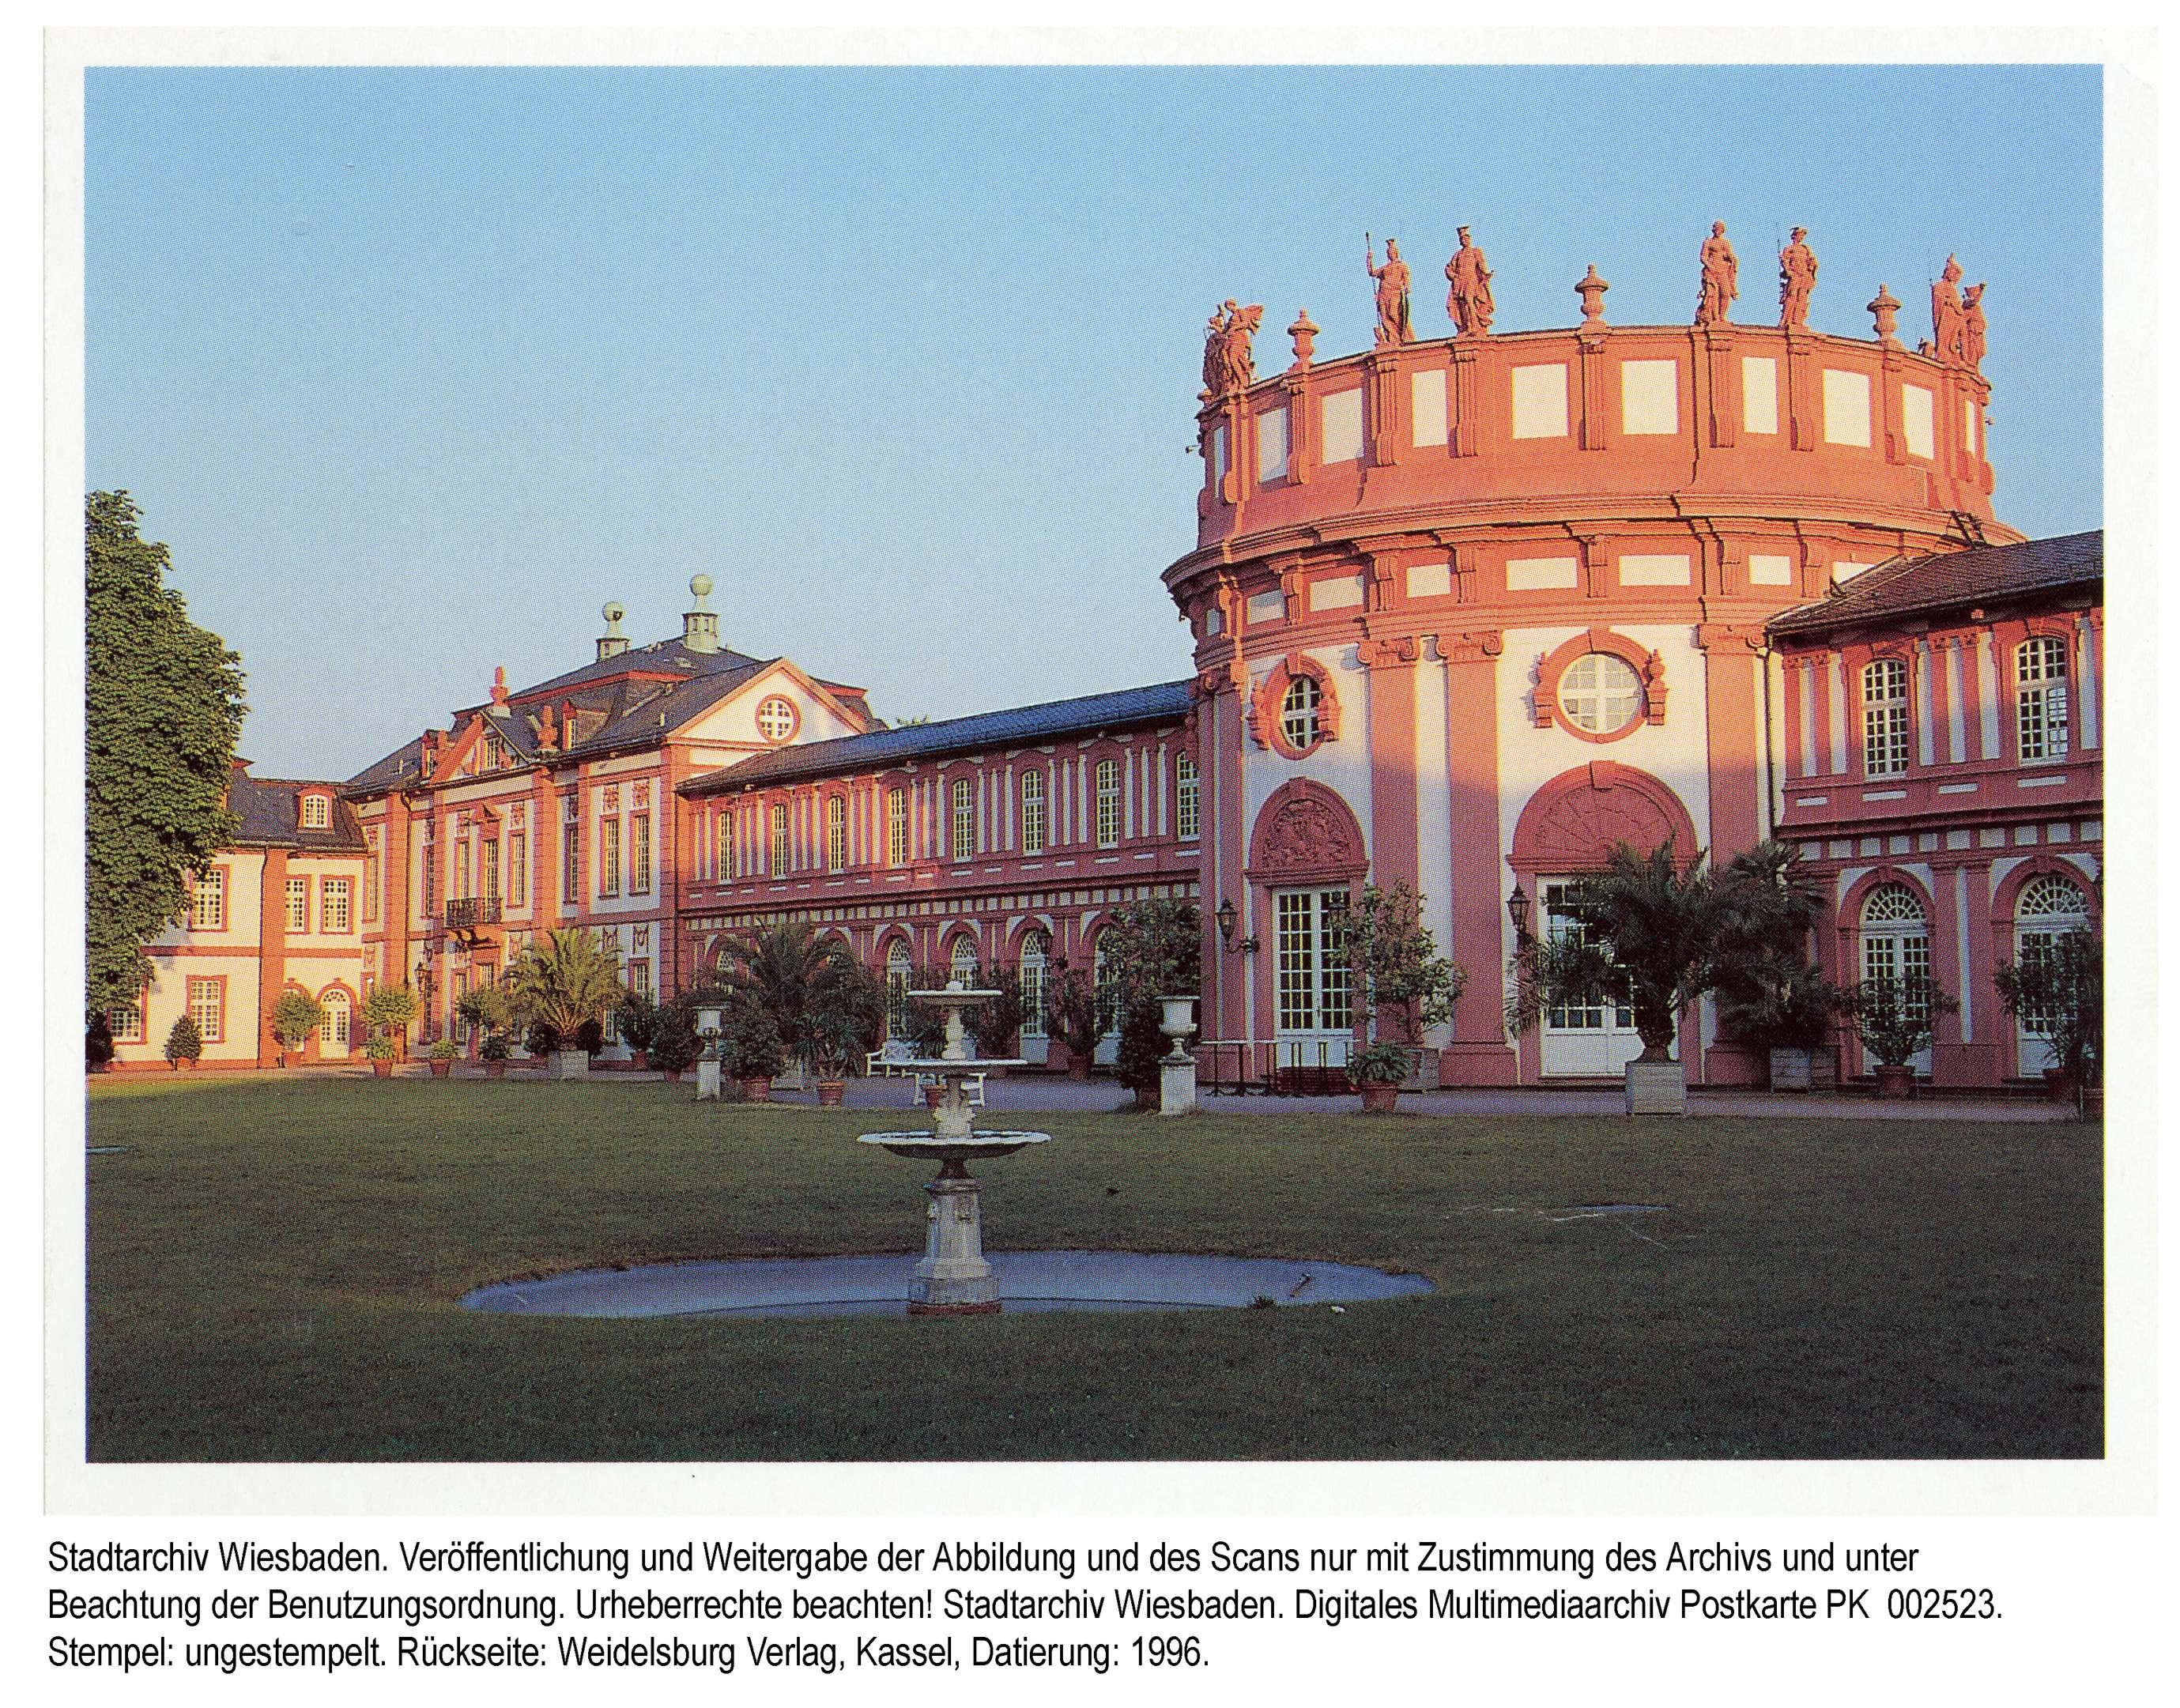 Biebricher Schloss 1996